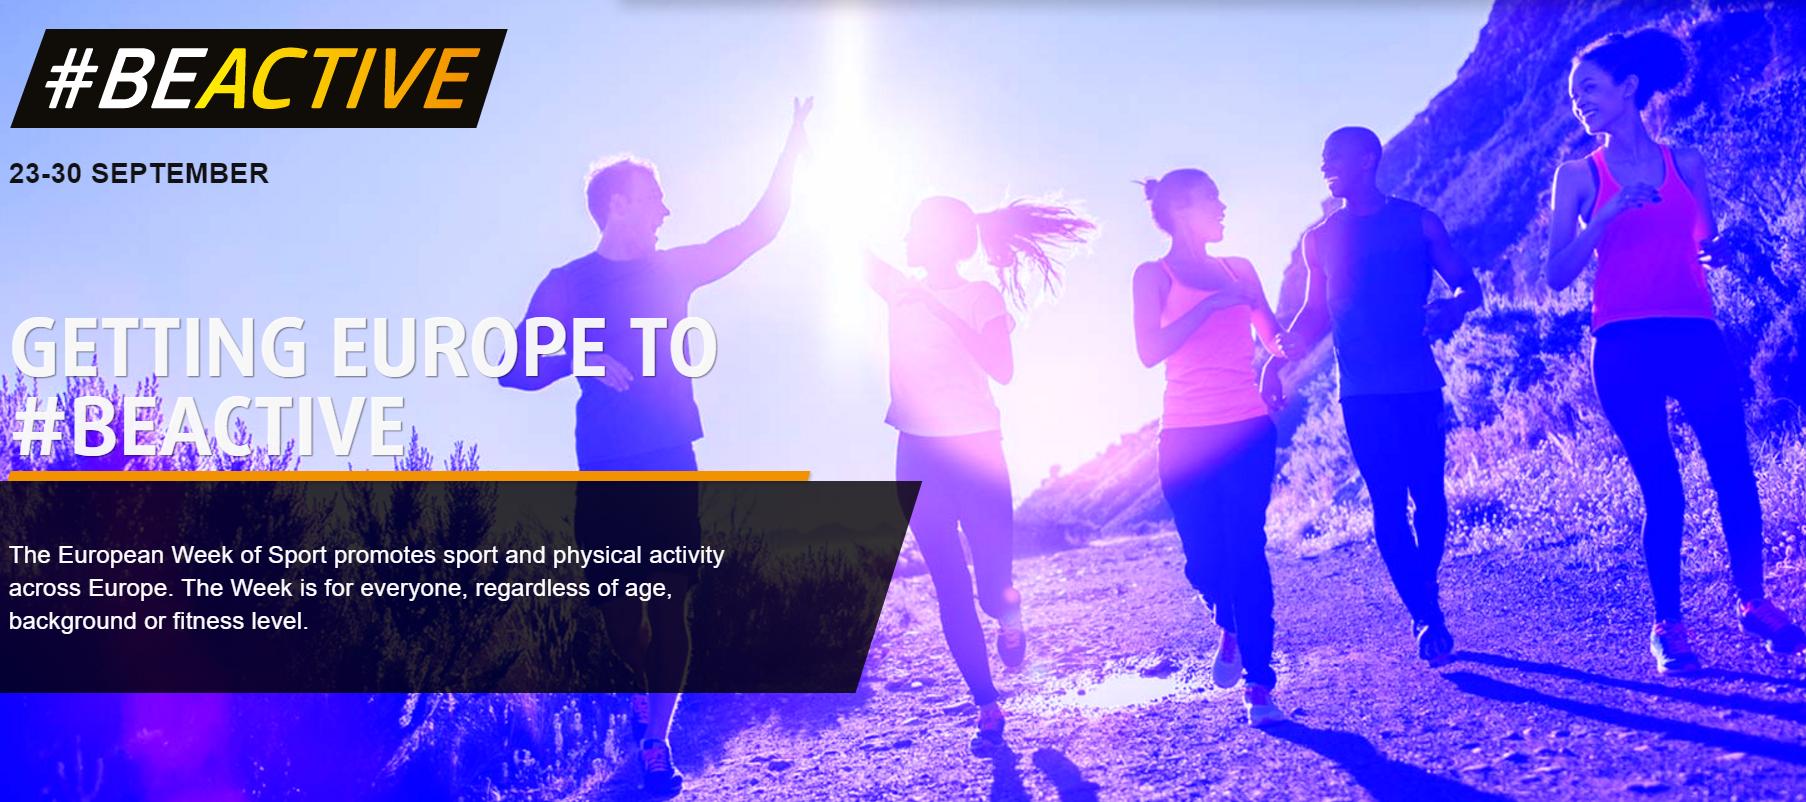 Laat je inspireren door de Europese week van de Sport! #BeActive